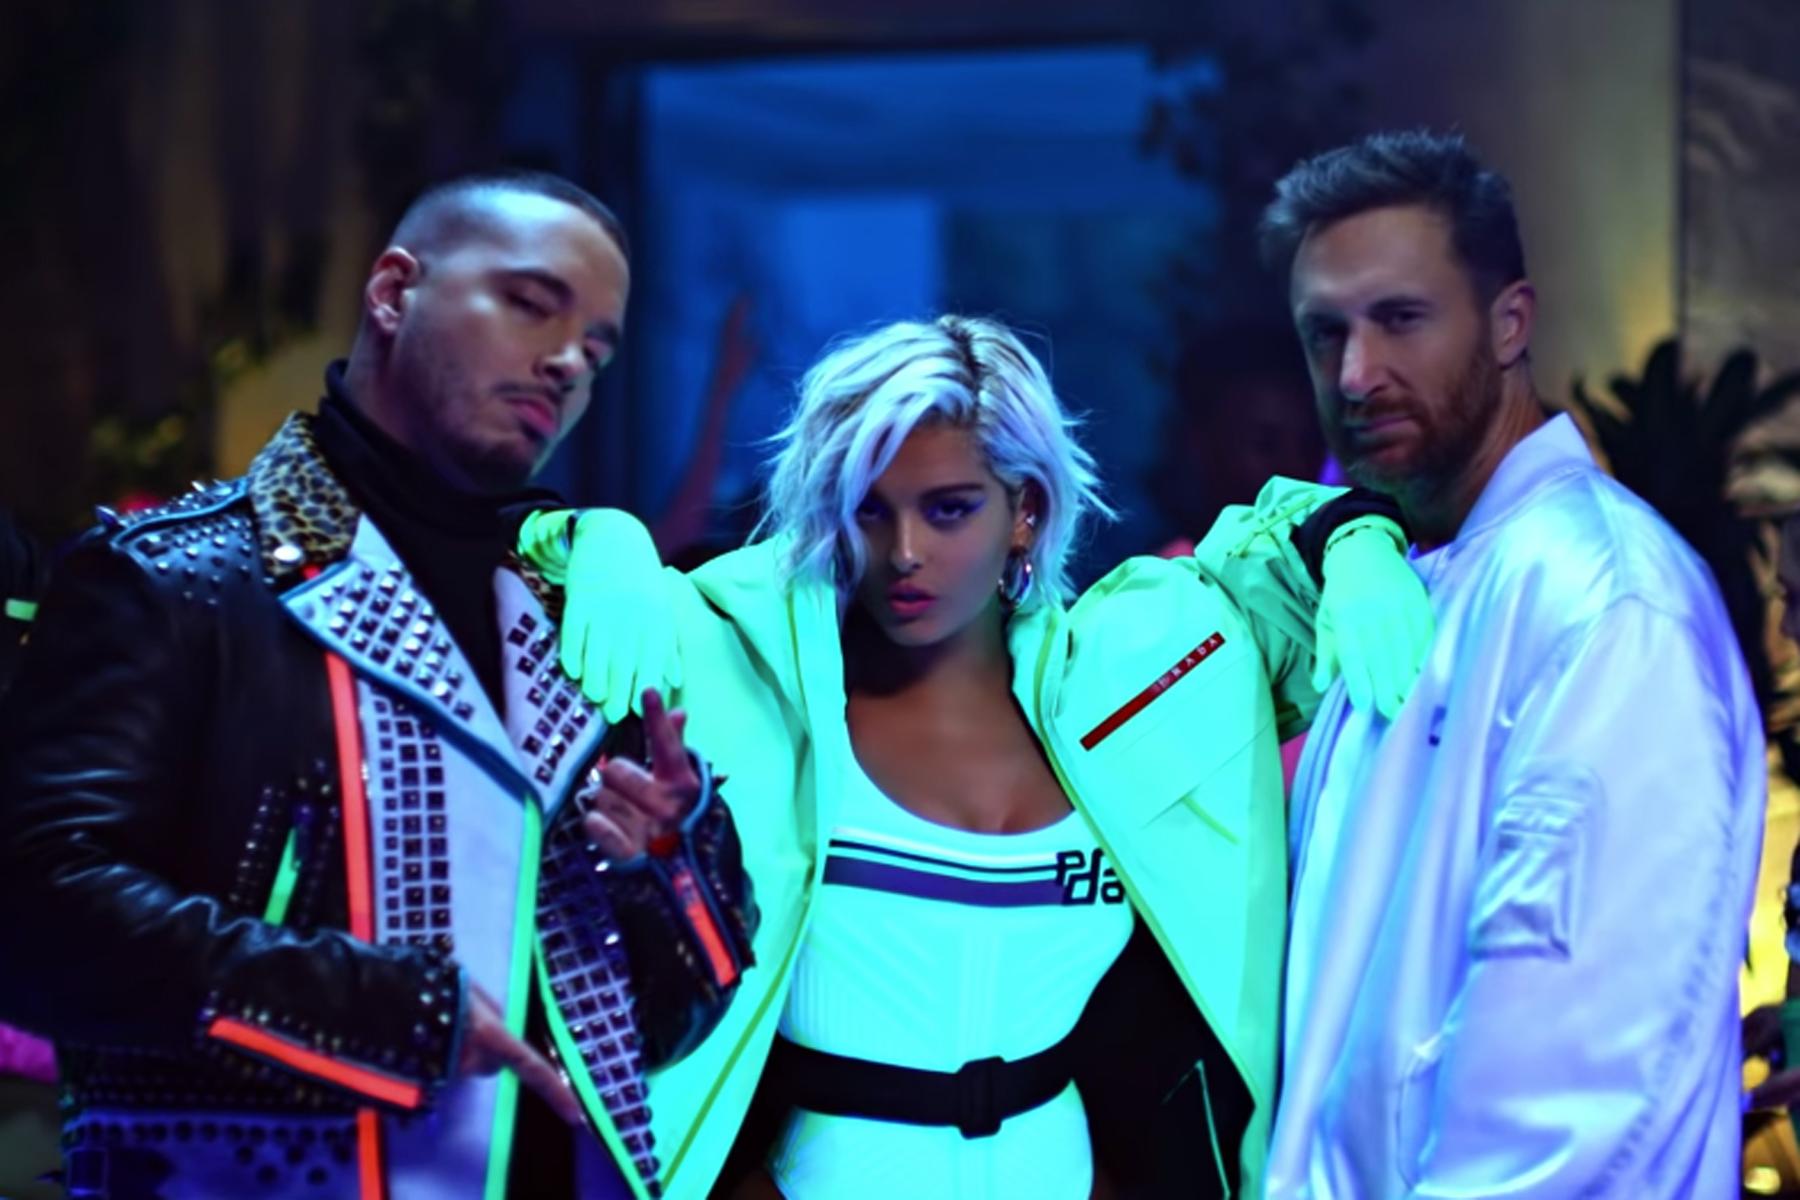 See David Guetta, J Balvin, Bebe Rexha's Colorful 'Say My